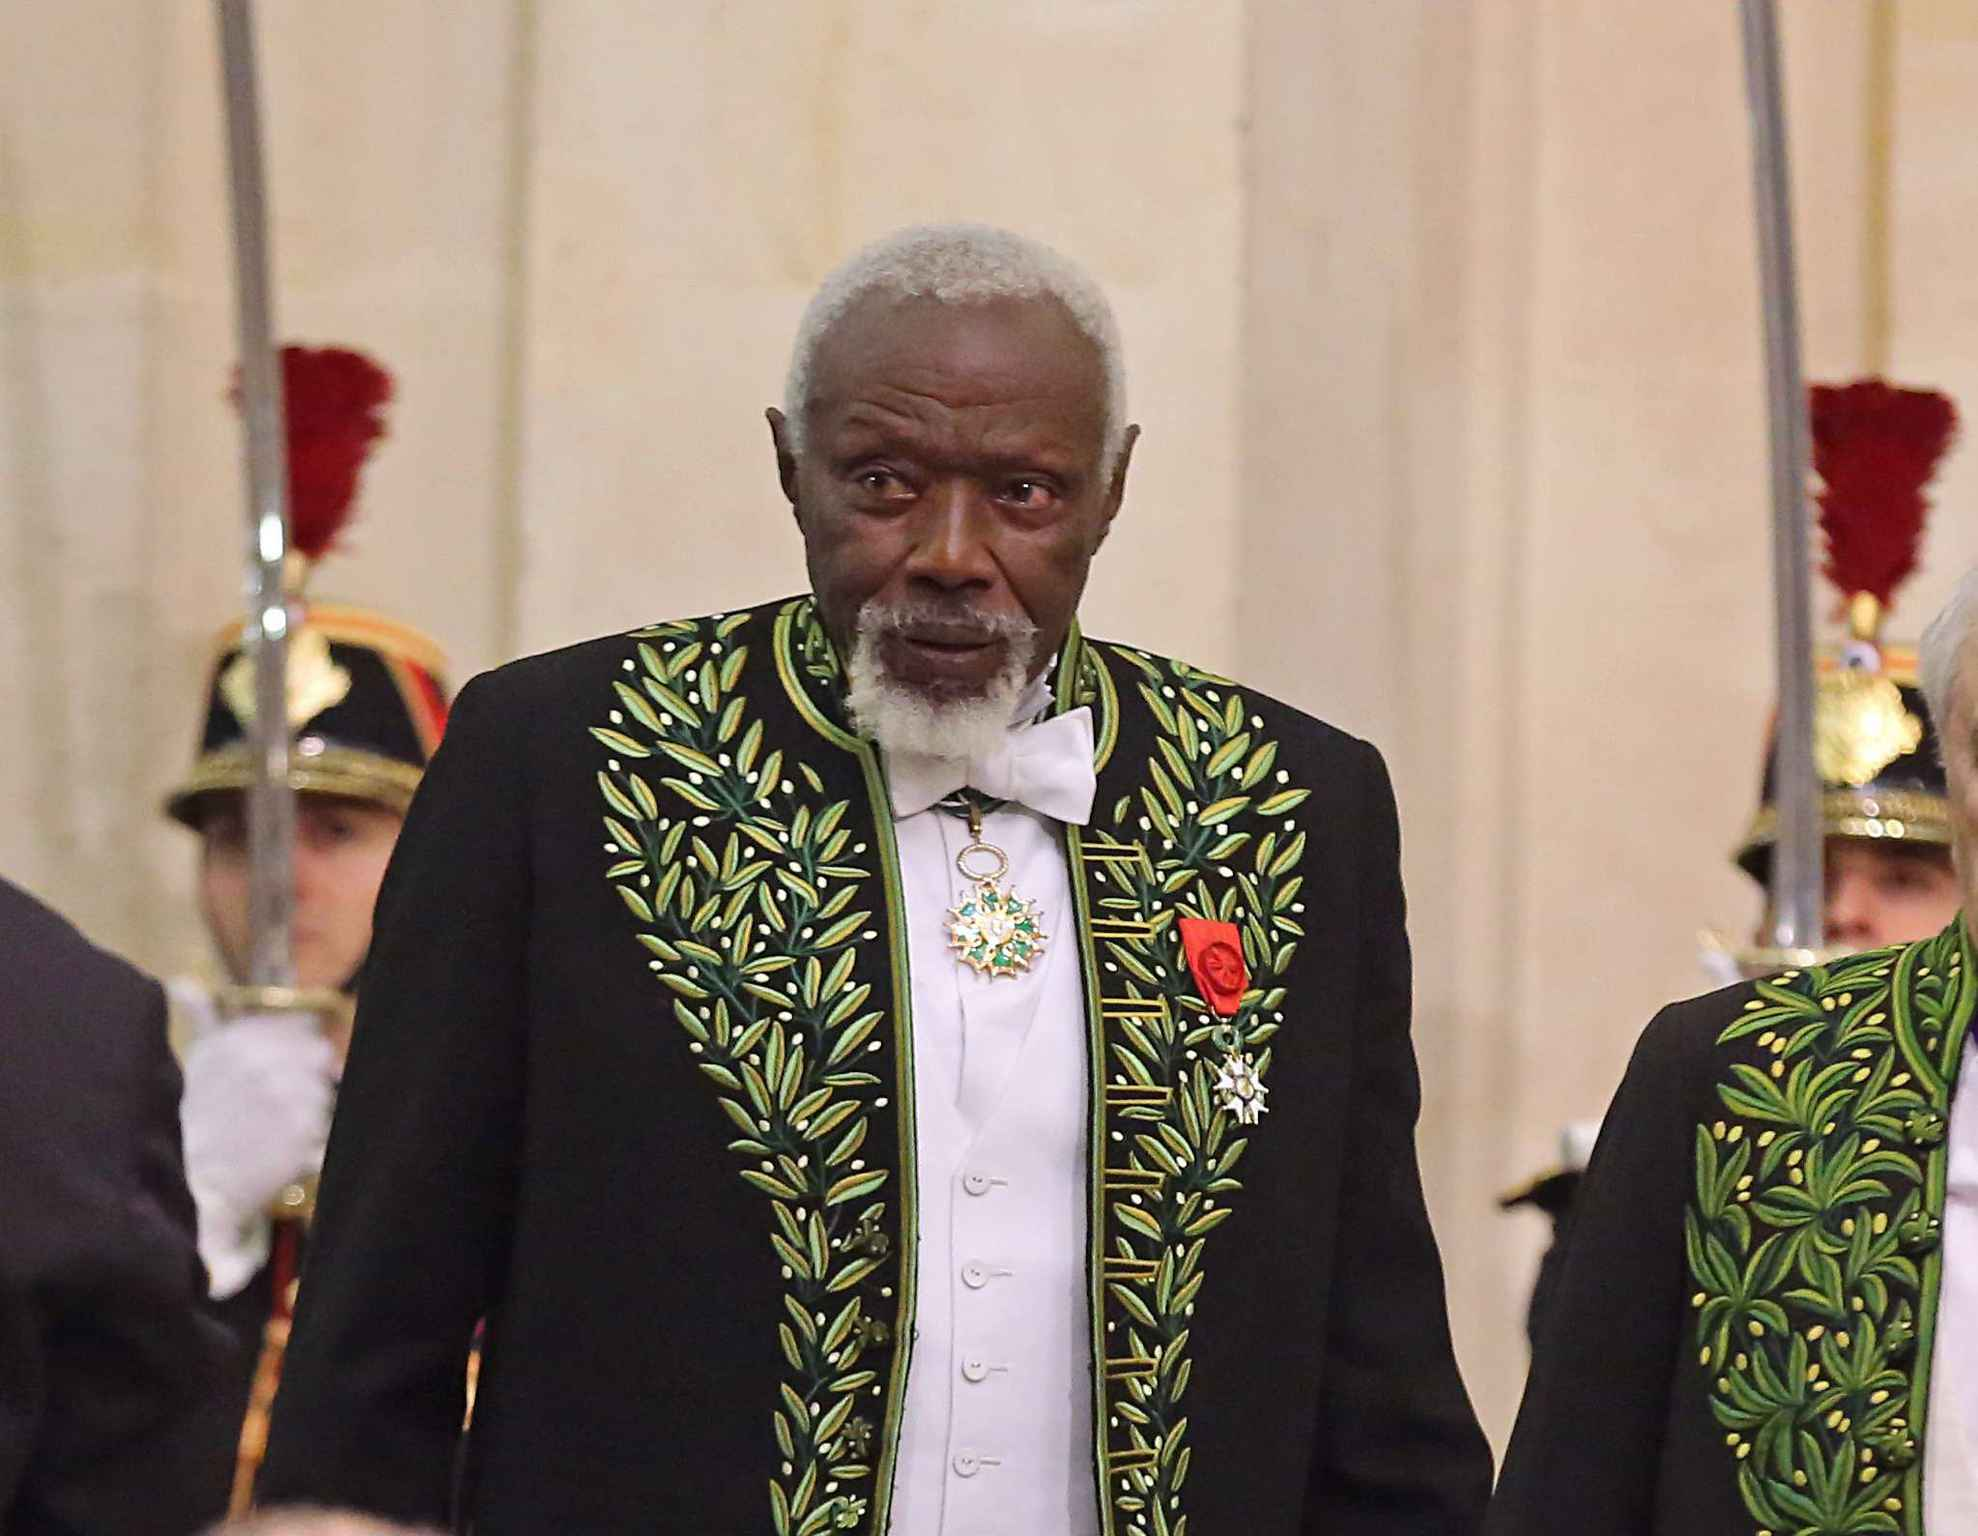 Ousmane Sow lors de la cérémonie de son entrée à l'académie des beau arts à Paris le 11 décembre 2013.